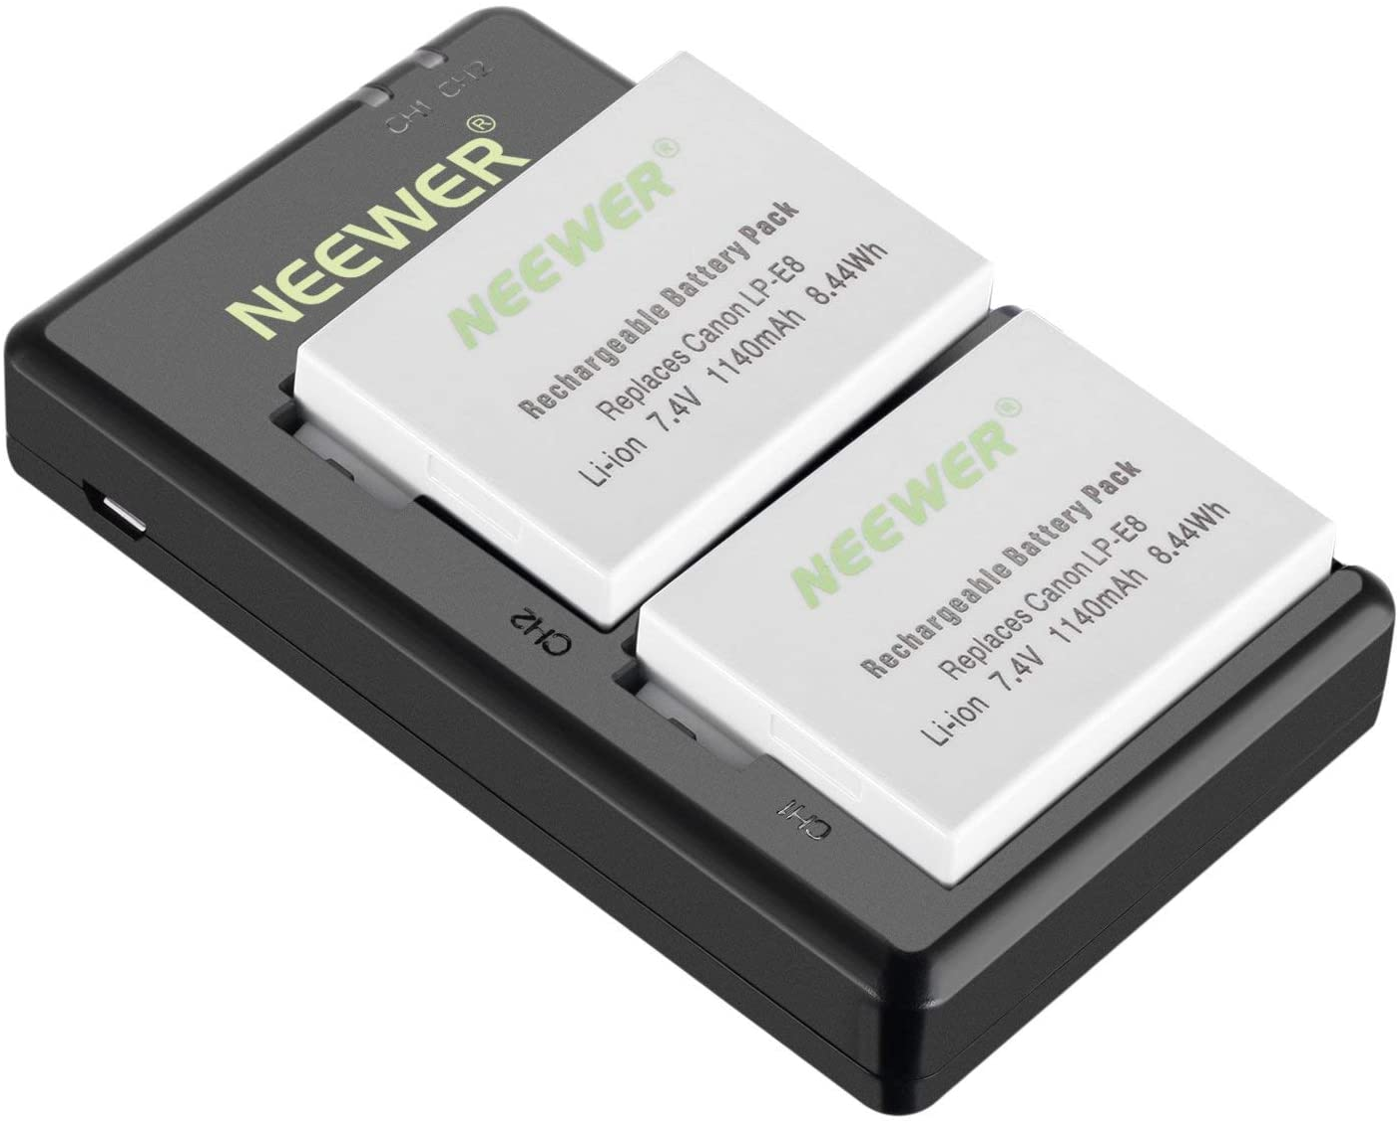 Neewer Reemplazo LP-E8 Batería Recargable de Carga Set para Canon (2-Pack 1140mAh Baterías de Cámara y Cargador de Doble Entrada USB Micro, 100% Compatible con Protección de Seguridad Original)